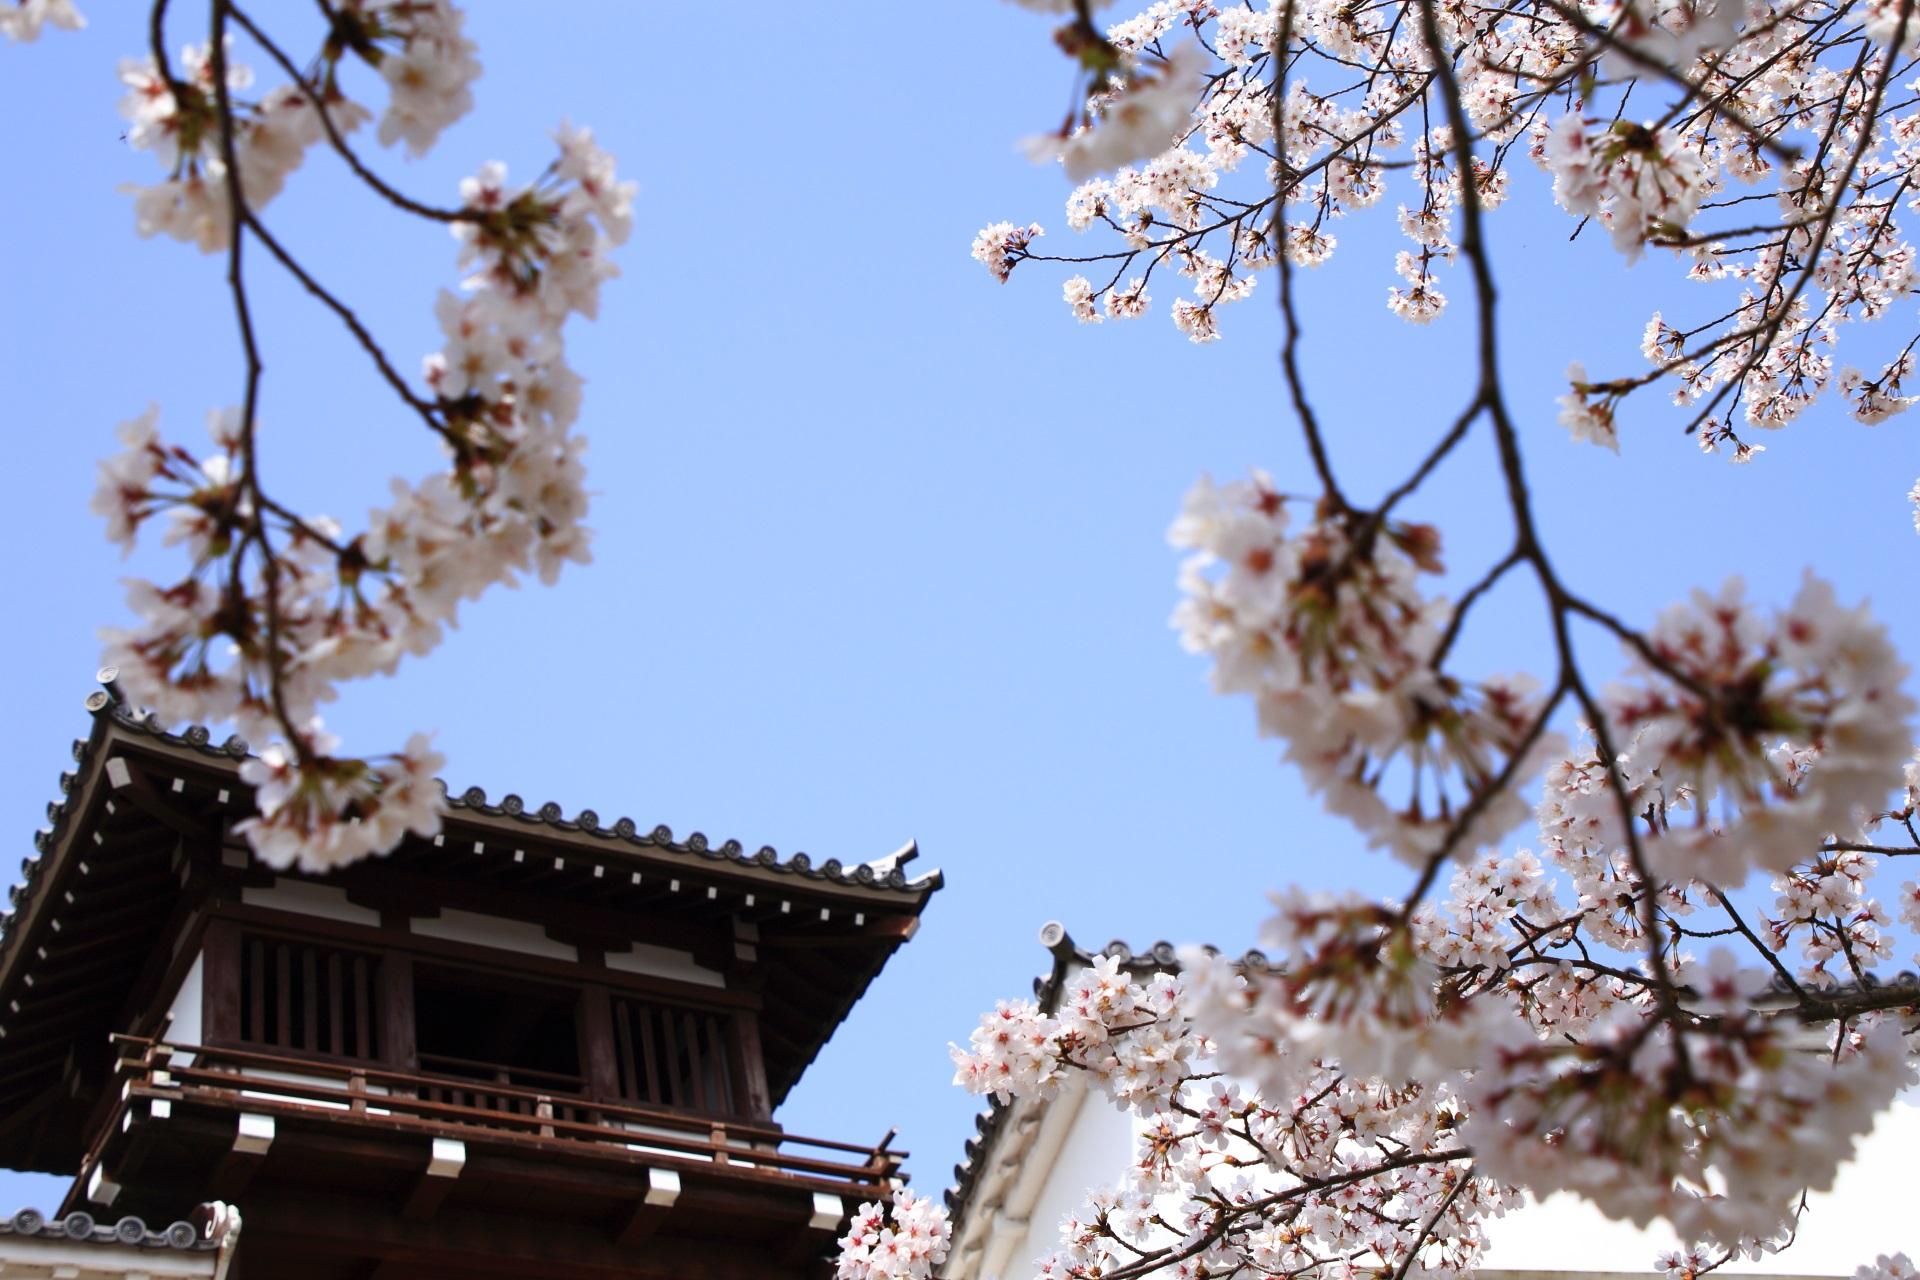 福知山城の釣鐘門と雅な桜